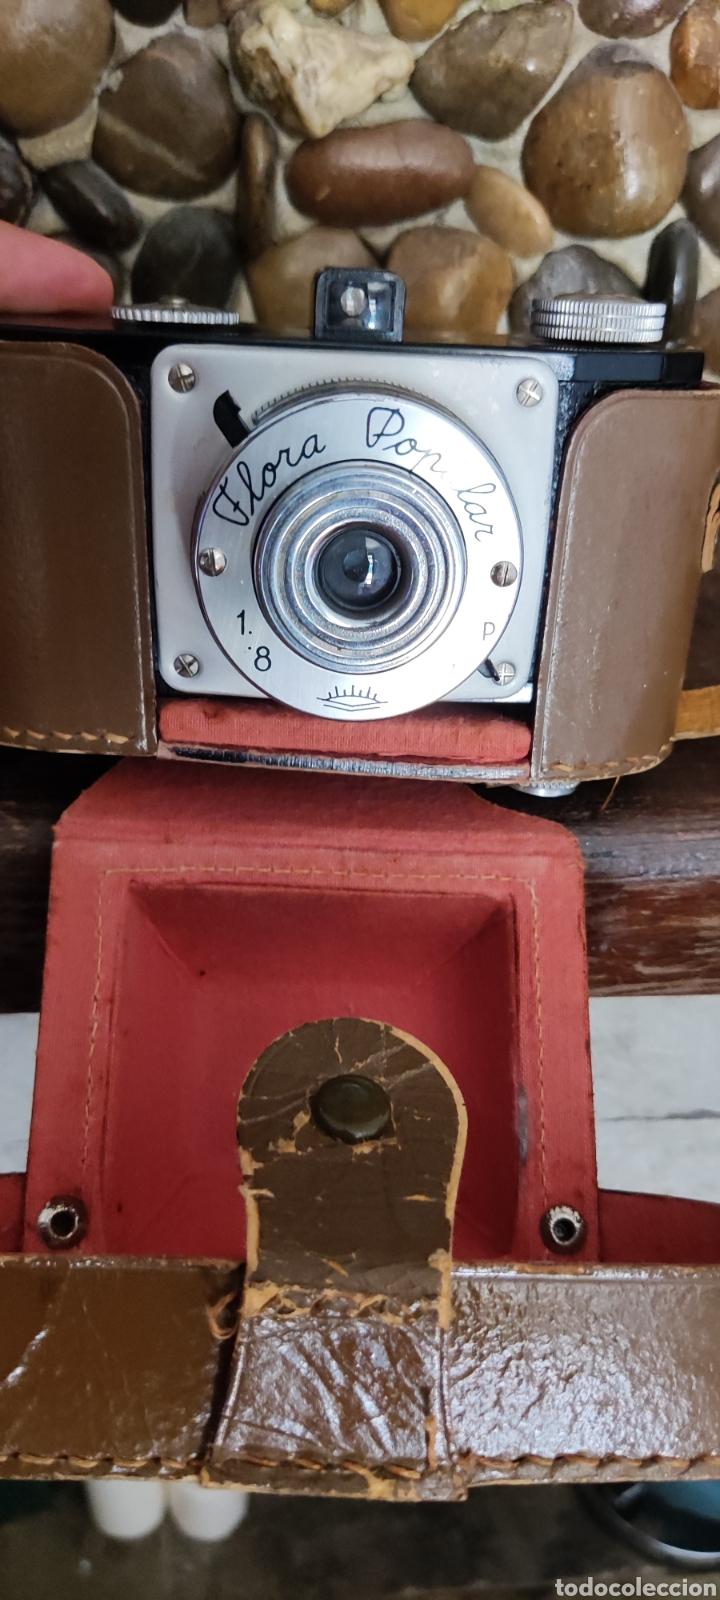 Cámara de fotos: Antigua cámara fotográfica Flora Popular fabricada en España con Su funda - Foto 7 - 288050808